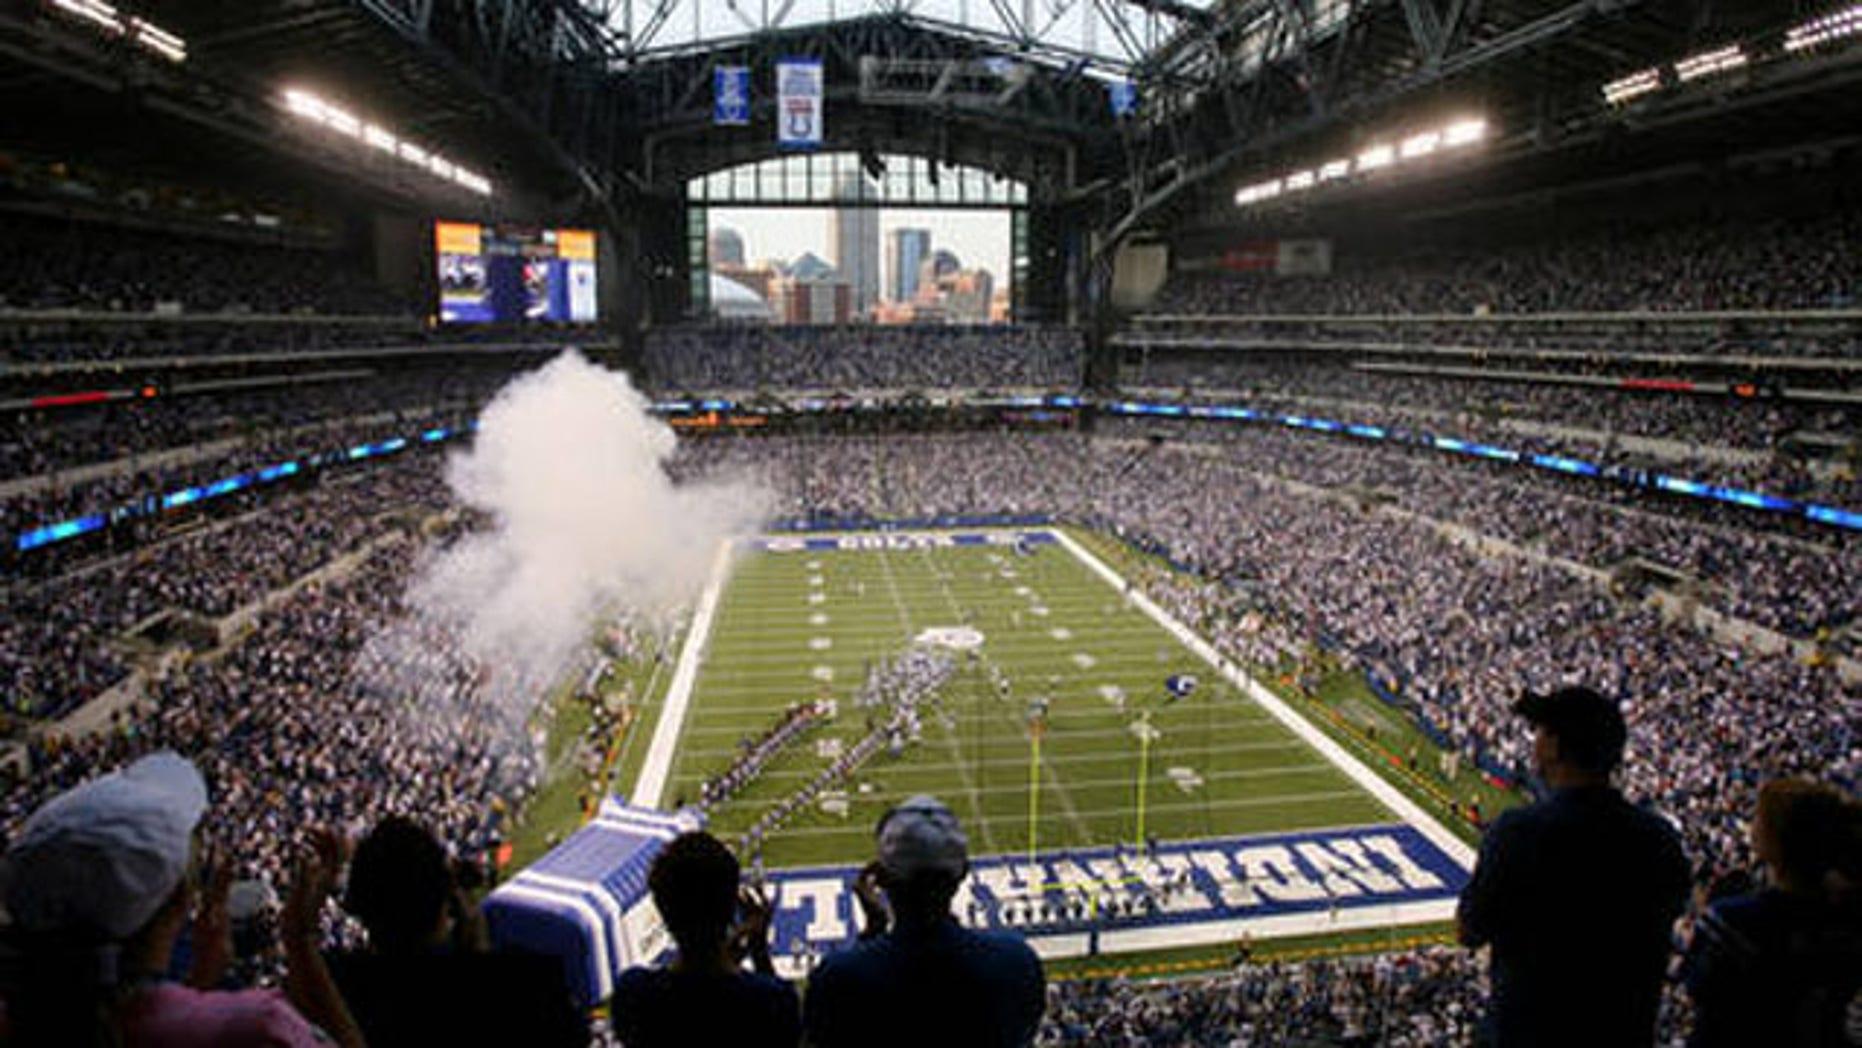 Super Bowl XLVI at Lucas Oil Stadium in Indianapolis, IN